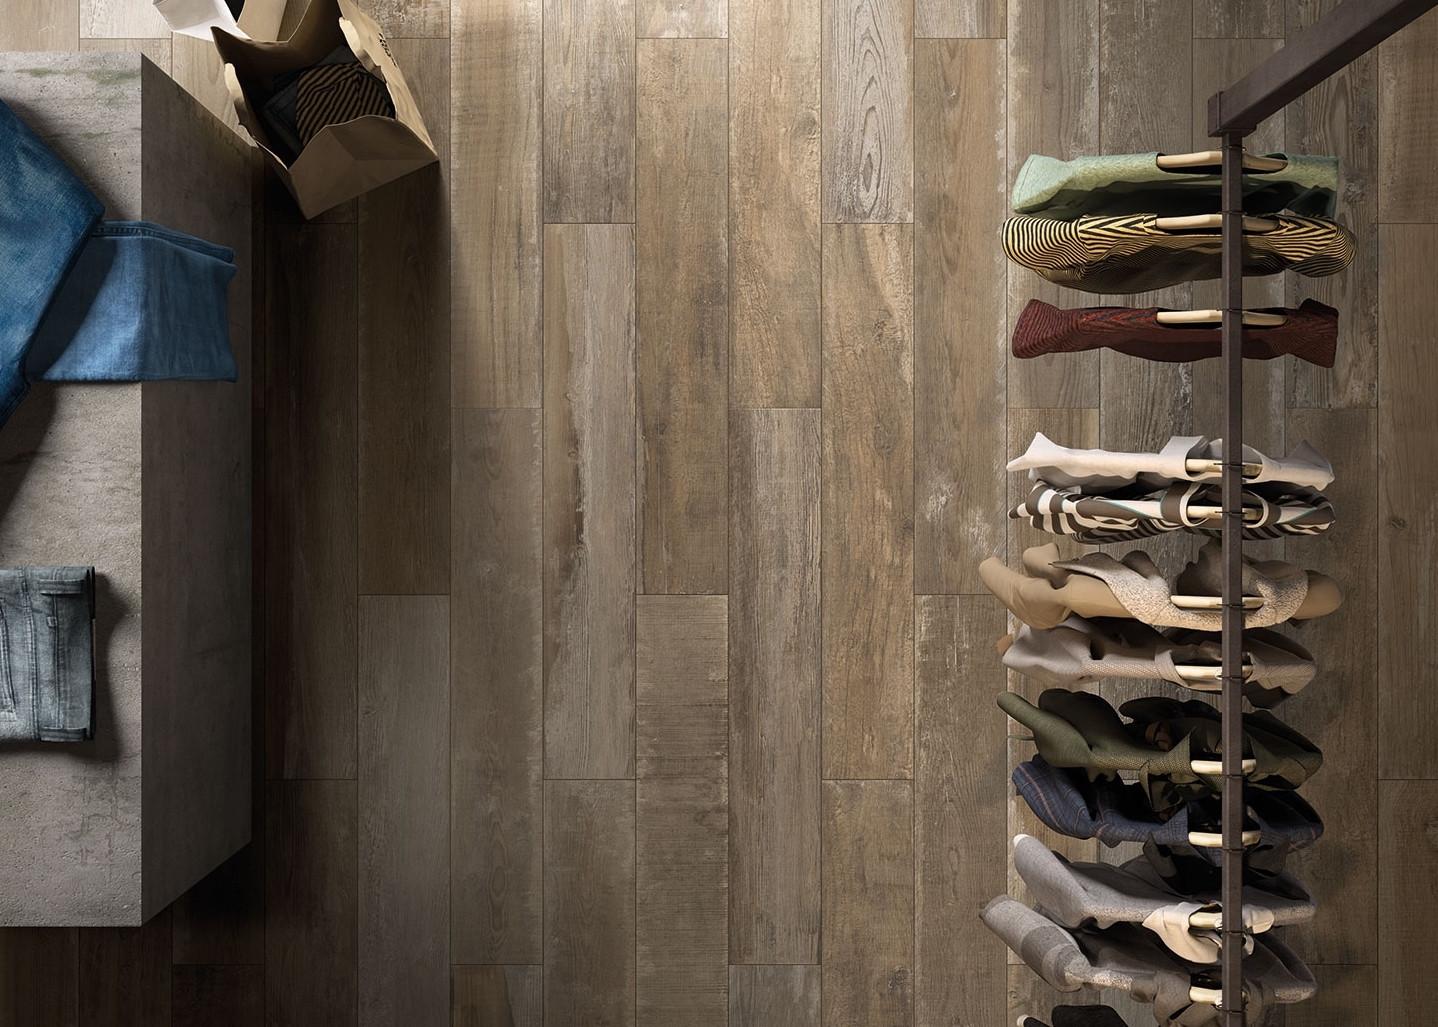 legno 1.jpeg